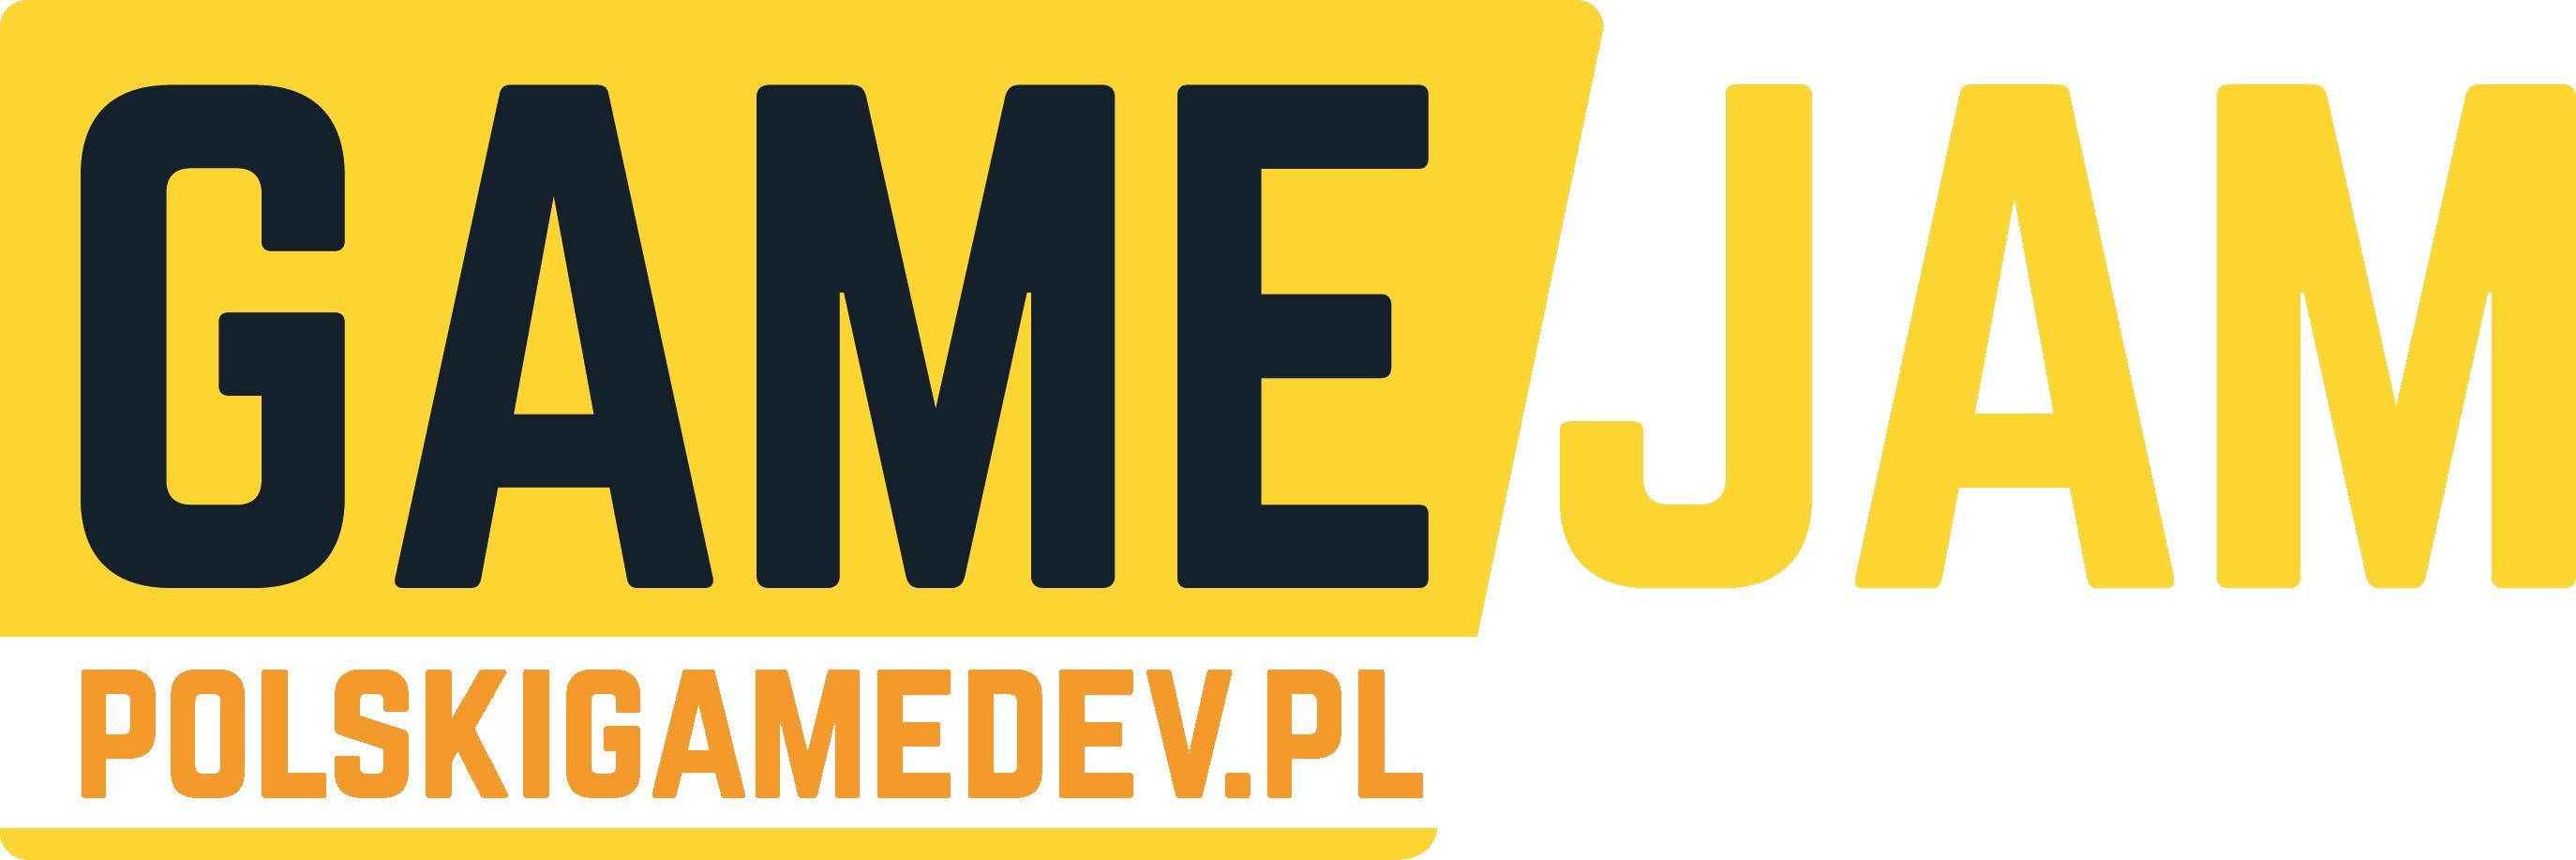 PolskiGameDev - Gamejam - 19-25 LIPCA 2021